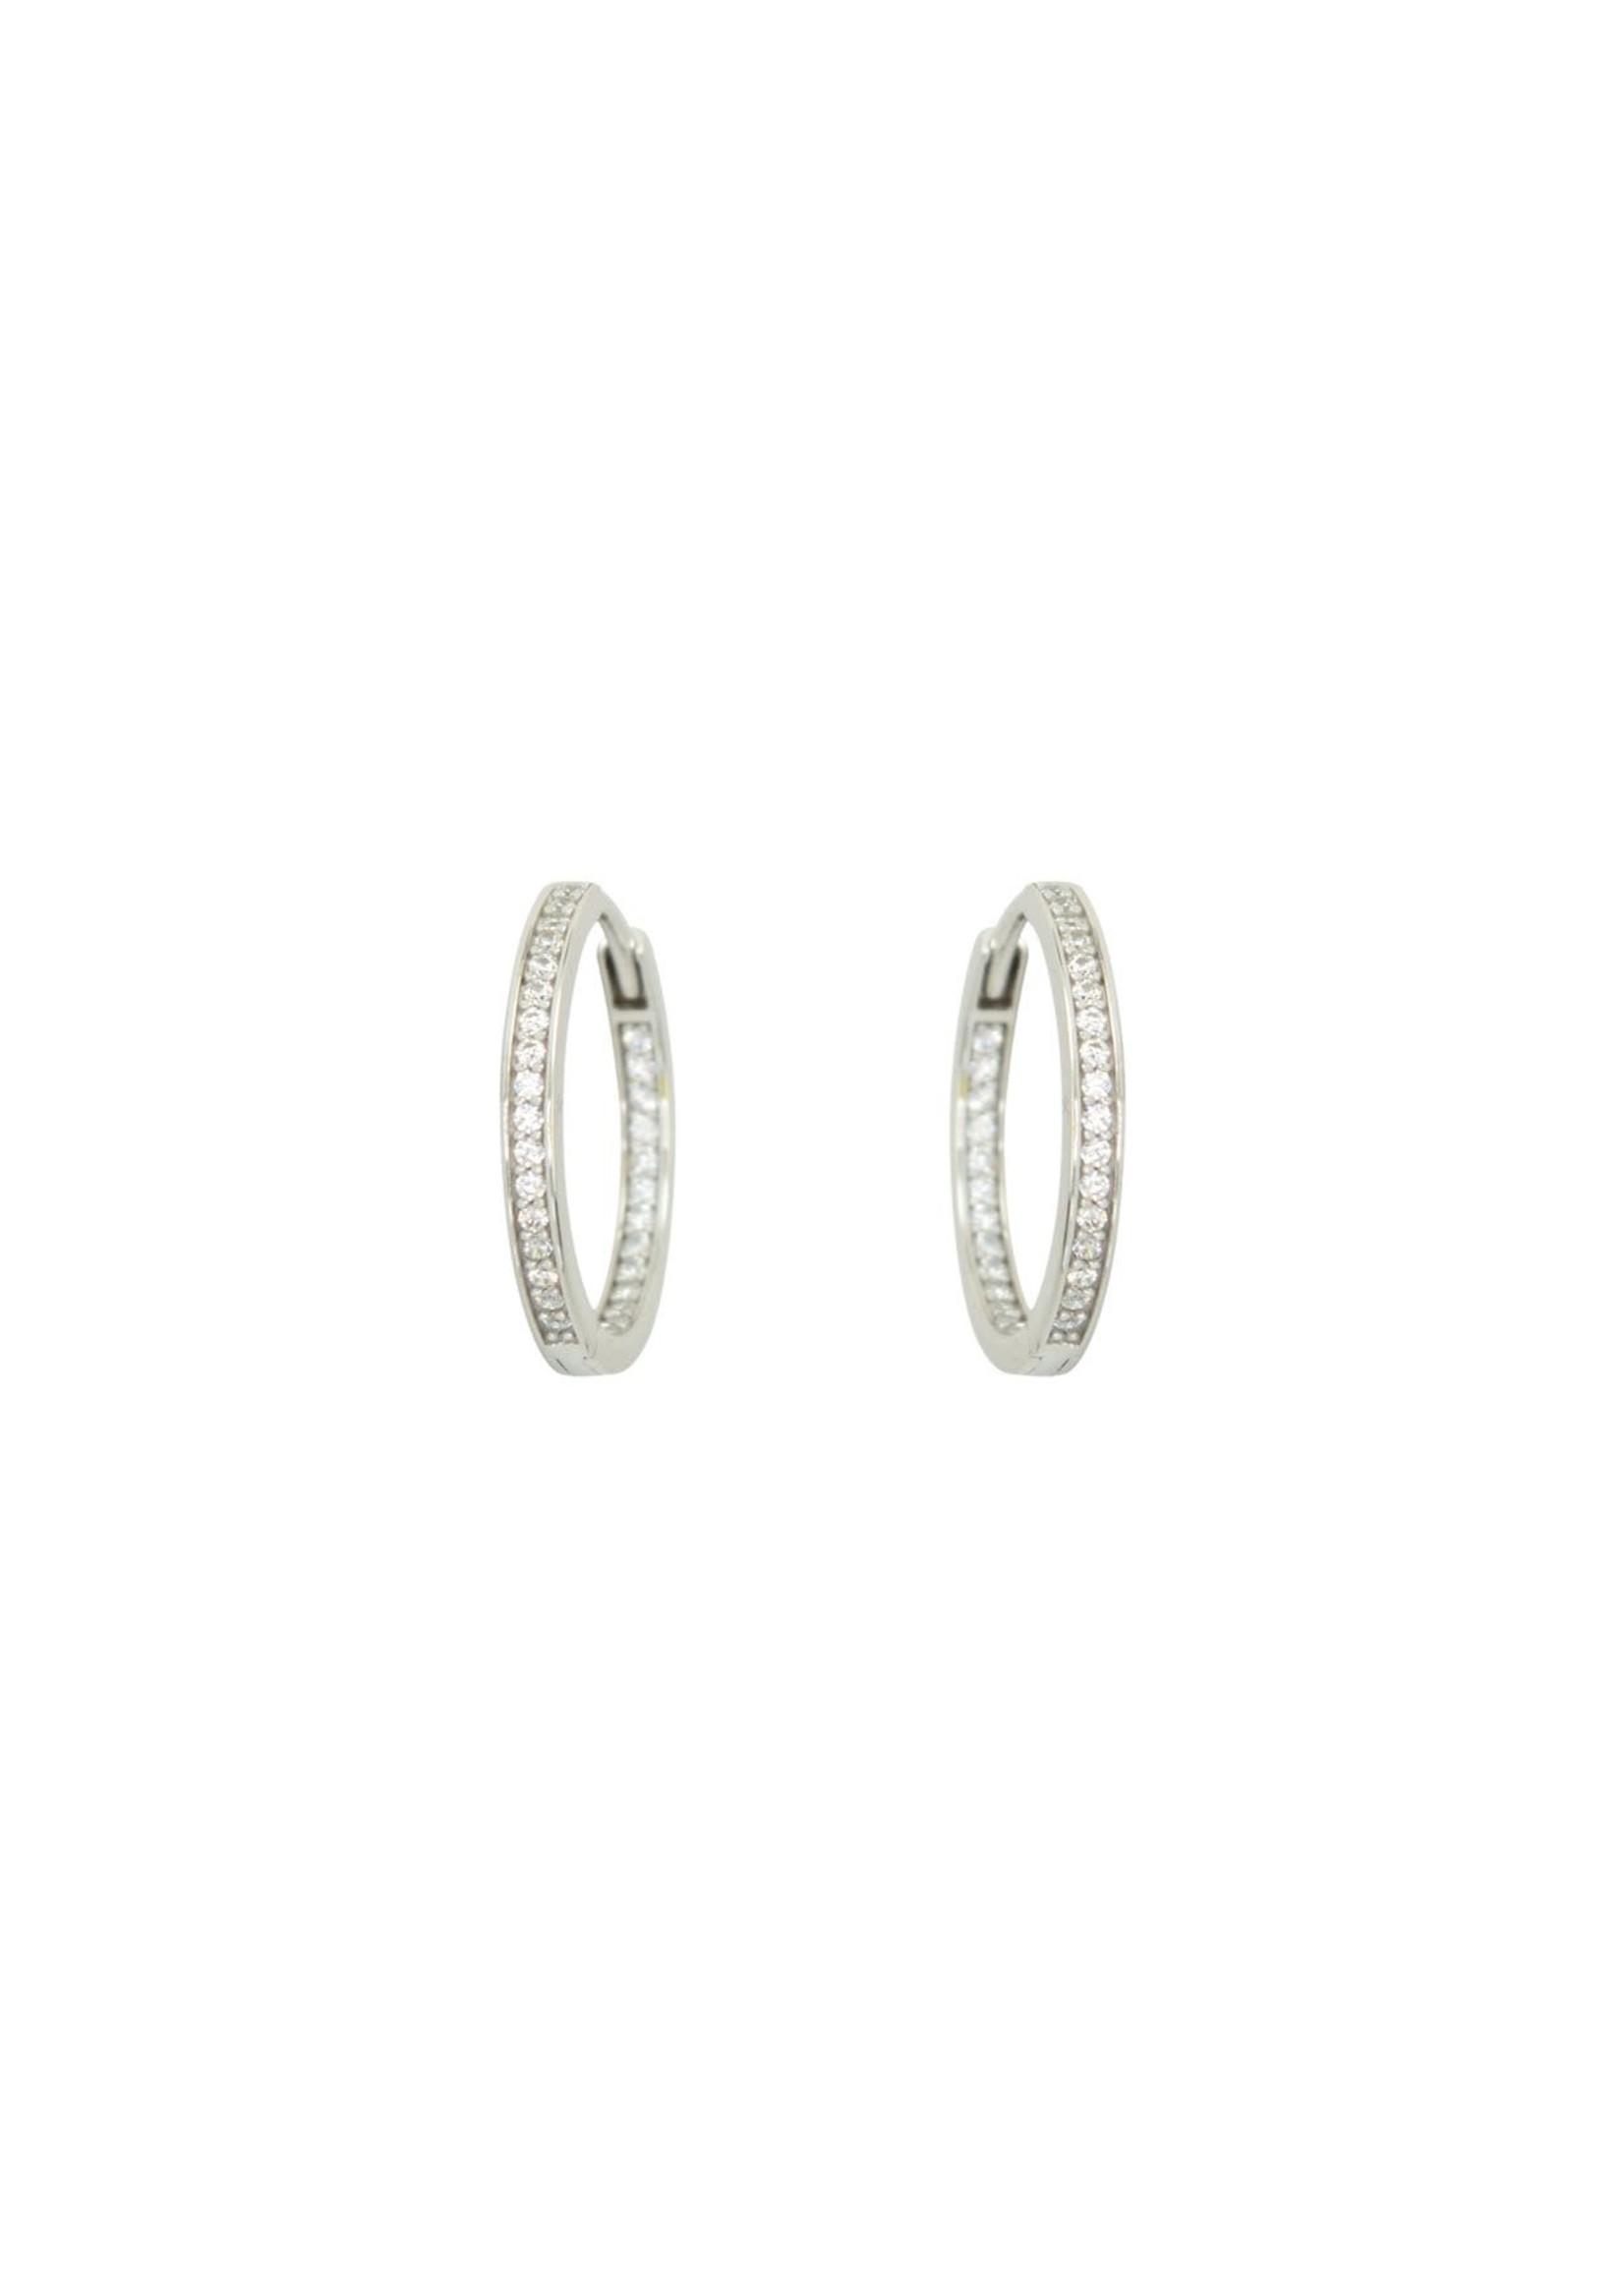 PARÉ  Boucles d'oreille Huggies Or blanc 10k